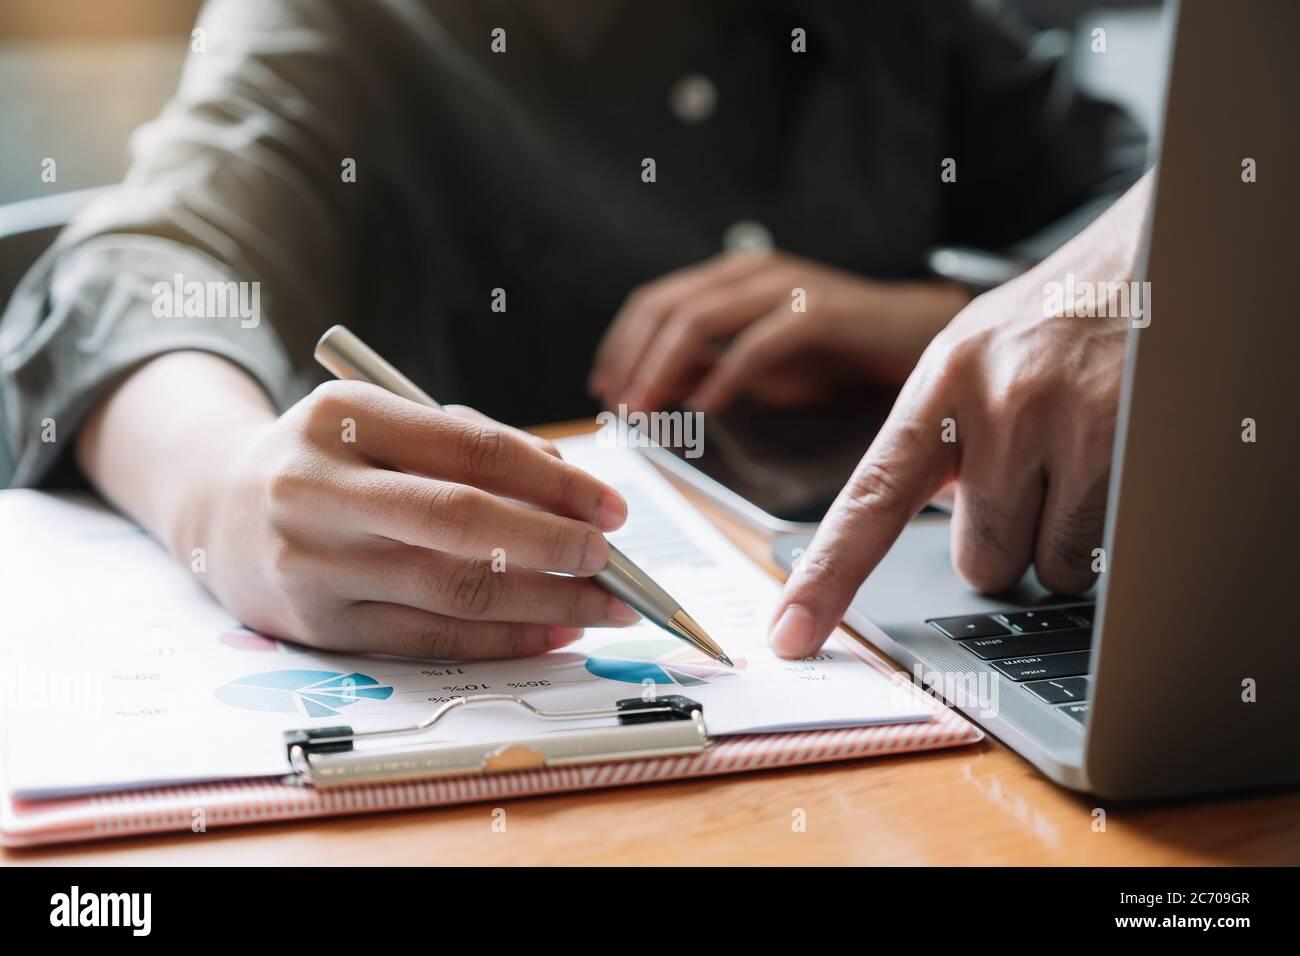 Cierre de la reunión de negocios y discusión para finanzas, impuestos, contabilidad, estadística y concepto de investigación analítica Foto de stock